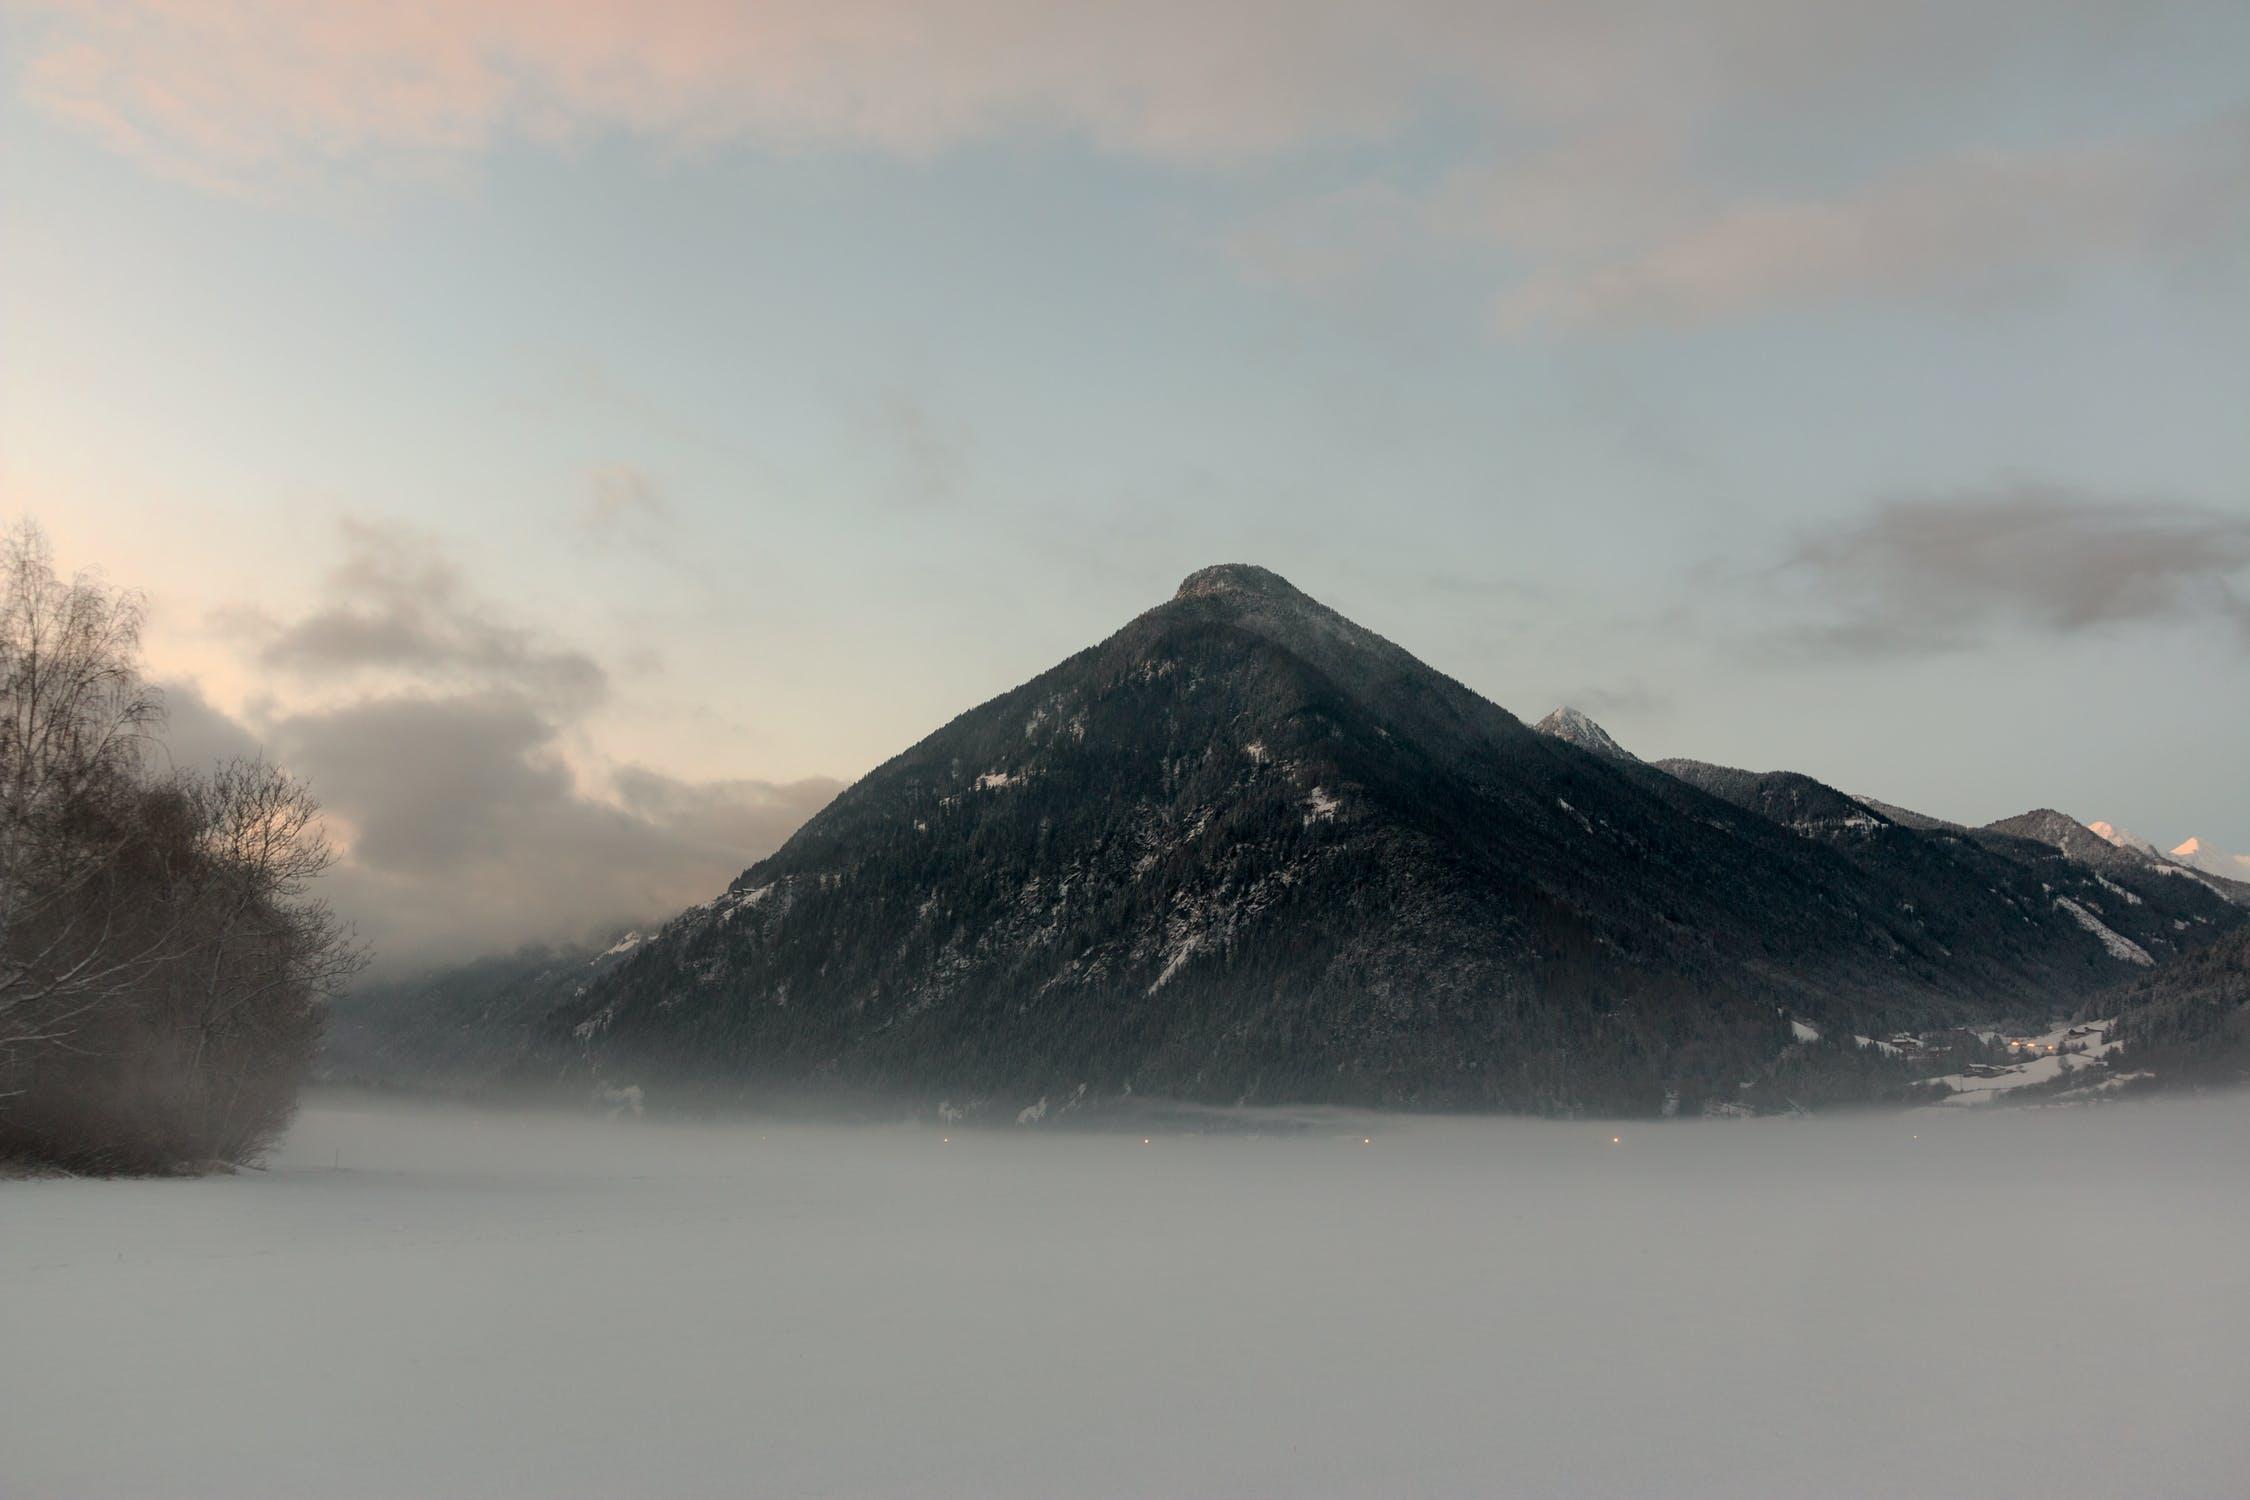 Bộ ảnh đẹp 4k ấn tượng về thiên nhiên